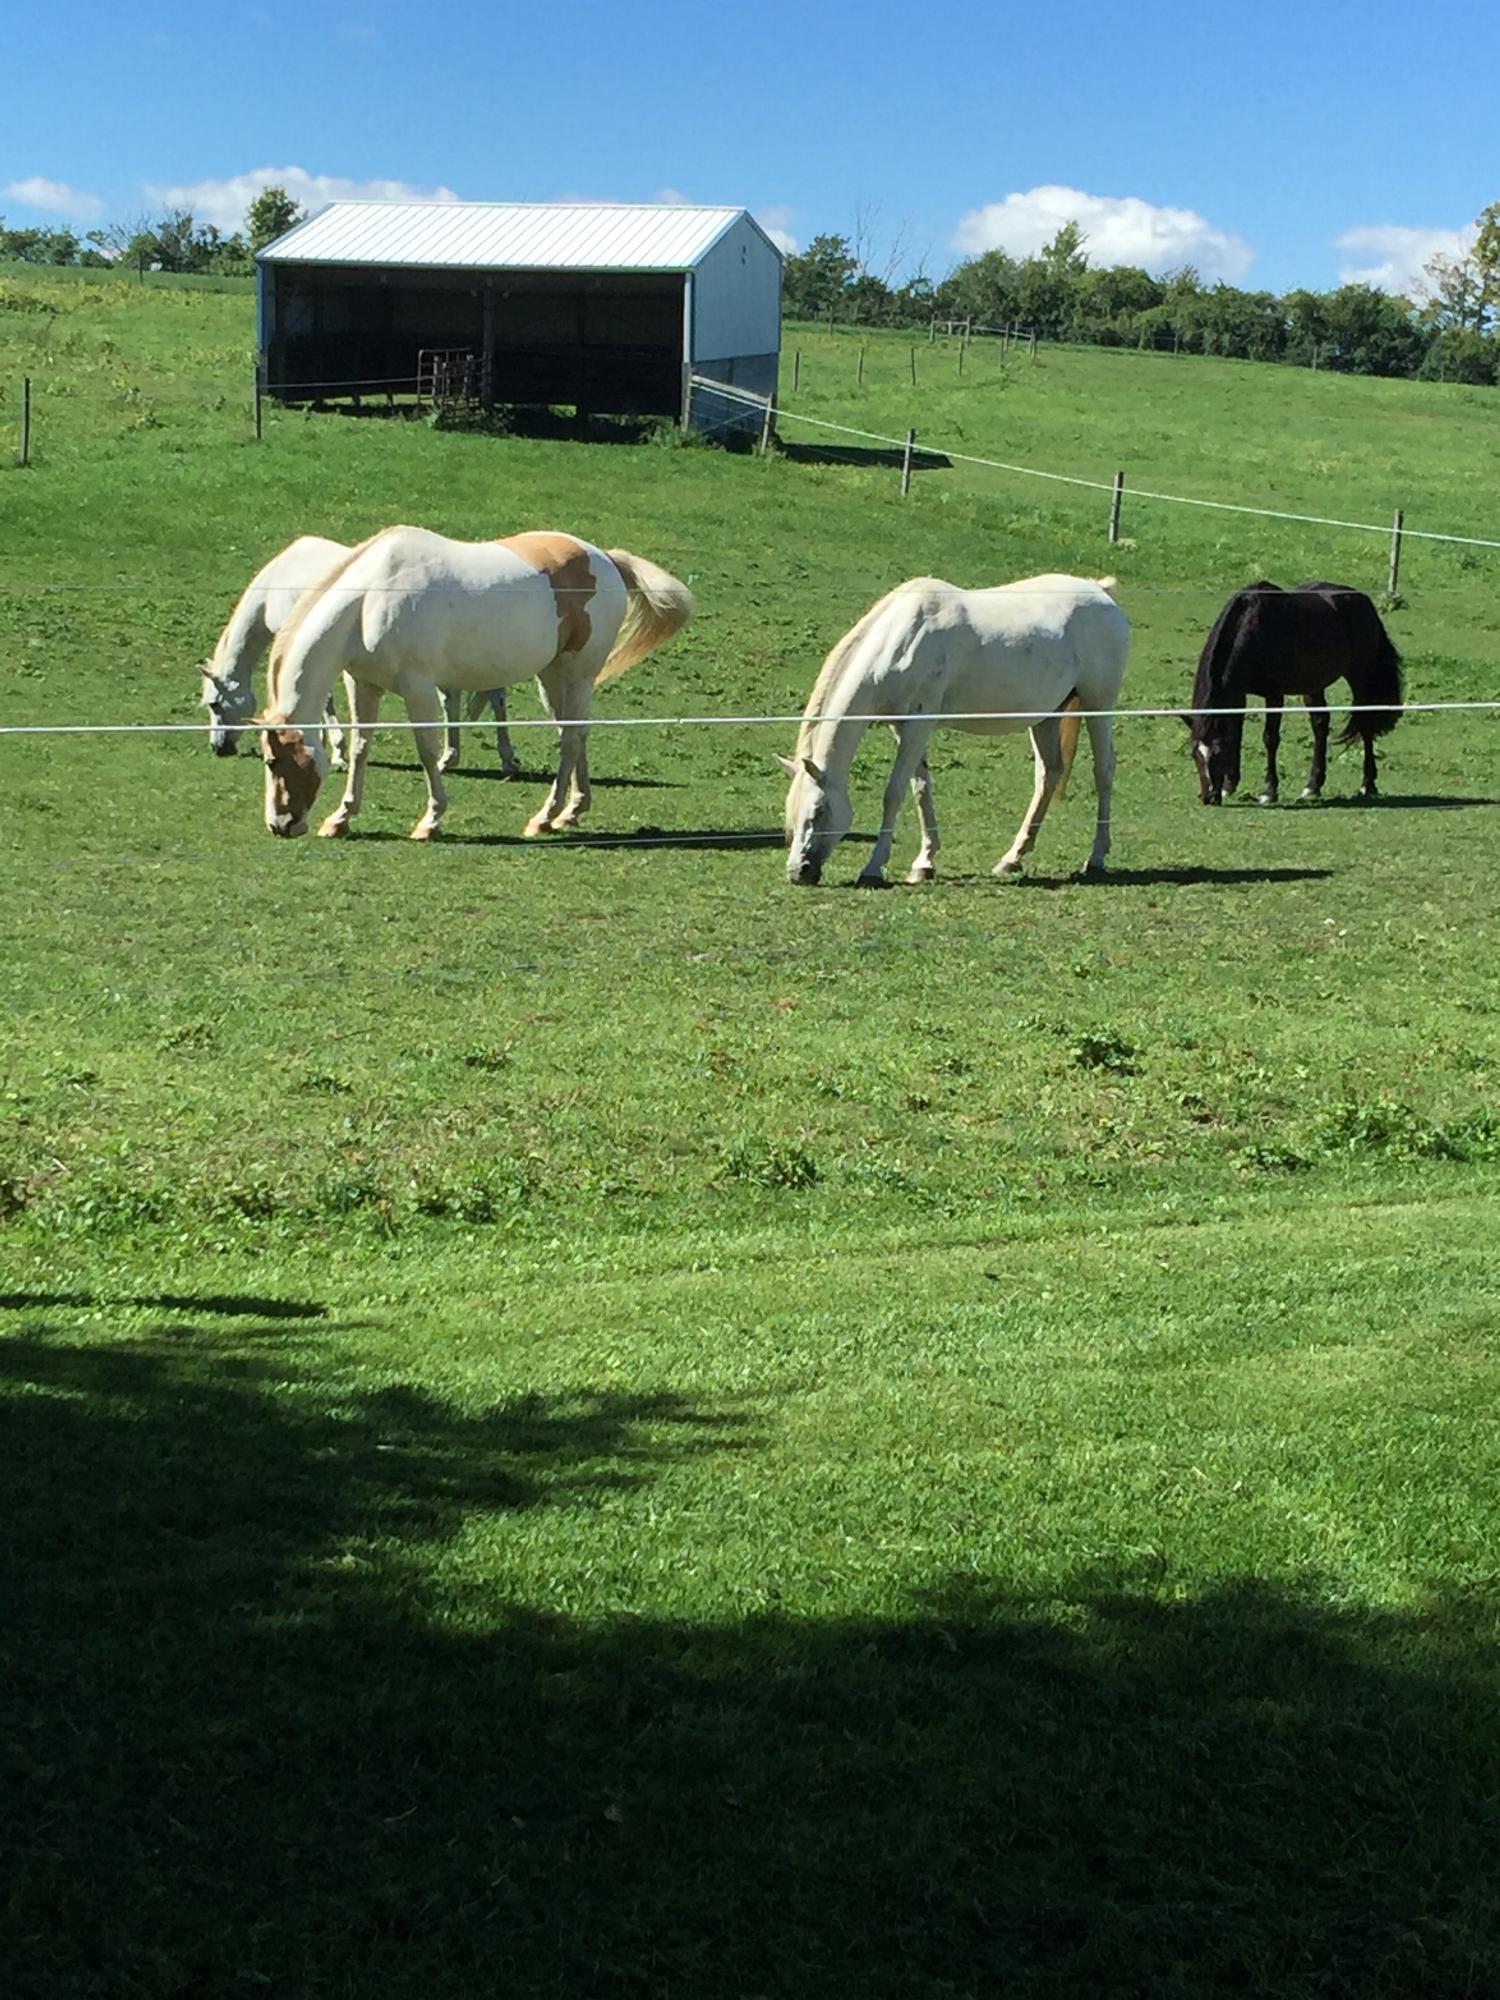 Horses that give us fertilizer